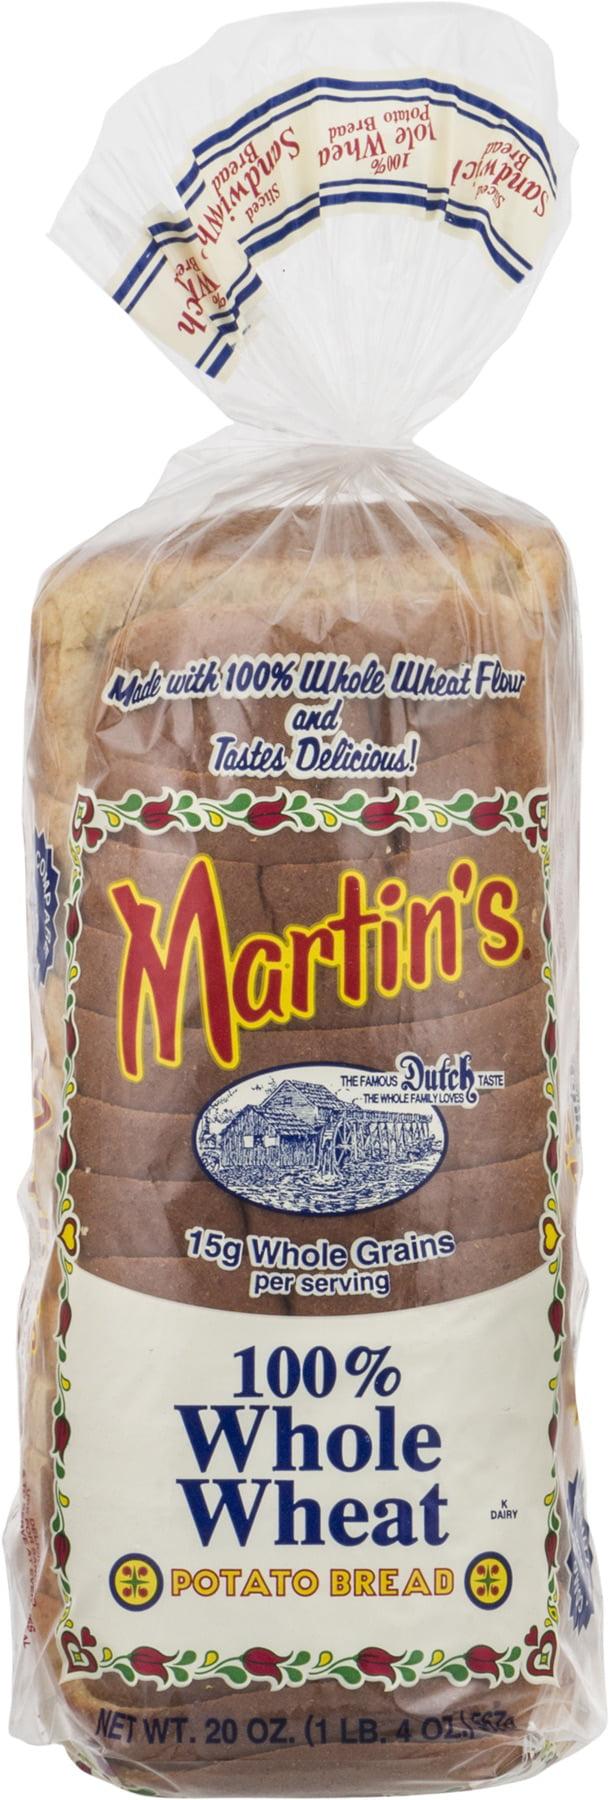 Martin's 100% Whole Wheat Potato Bread- 16 Slice 20 oz (2 bags) by Martin's